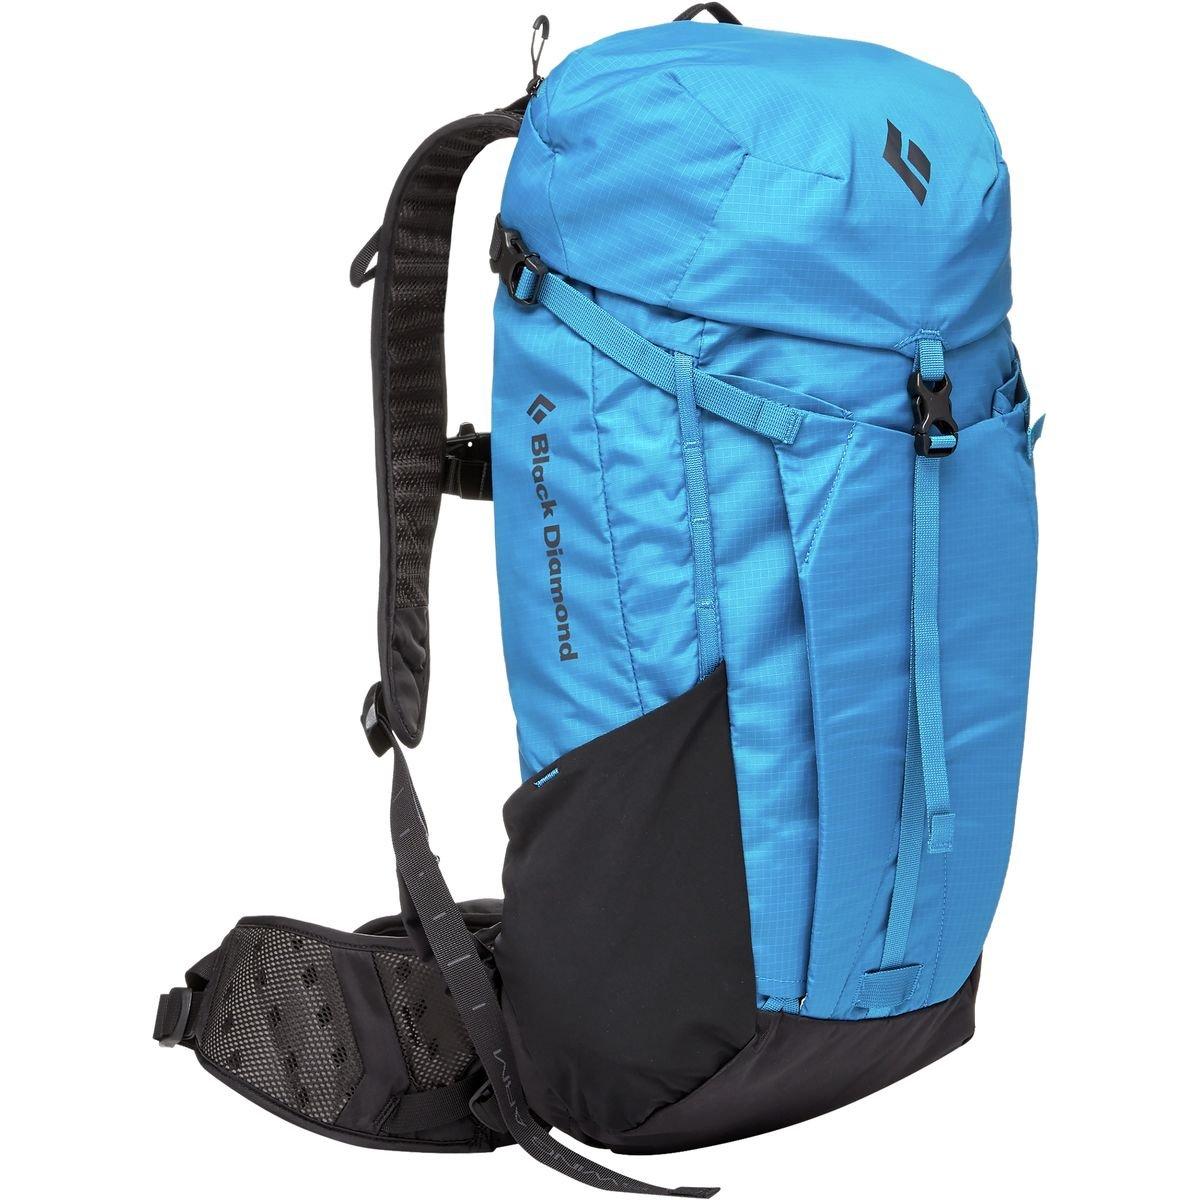 [ブラックダイヤモンド] メンズ バックパックリュックサック Bolt 24L Backpack [並行輸入品] No-Size  B07HNYRZWX